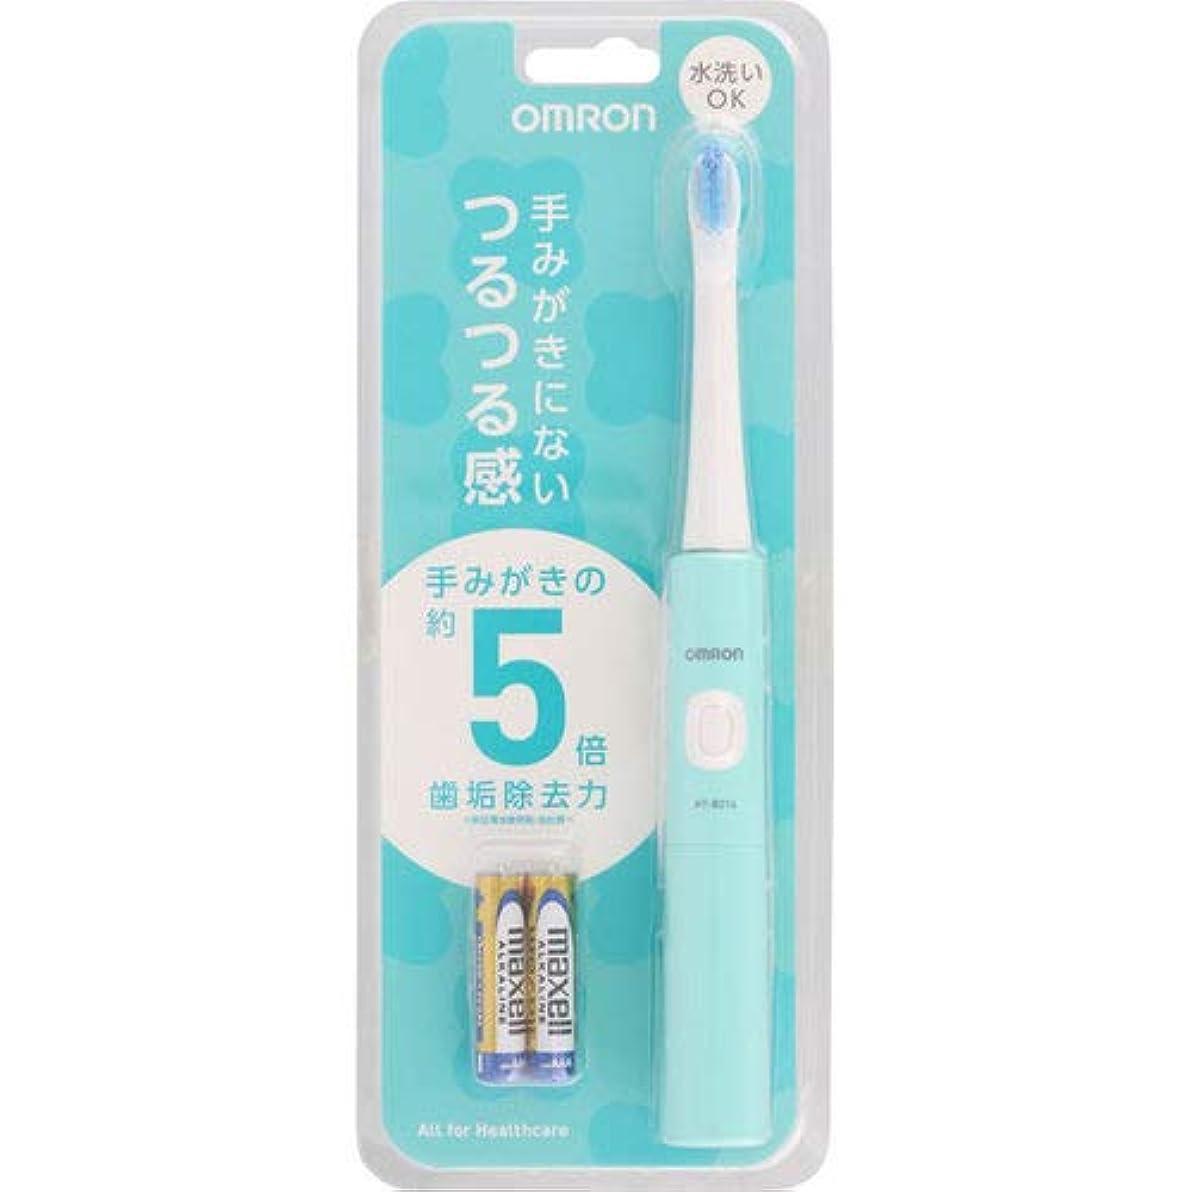 蒸詩人囚人オムロン 電動歯ブラシ HT-B214-G グリーン 電池式